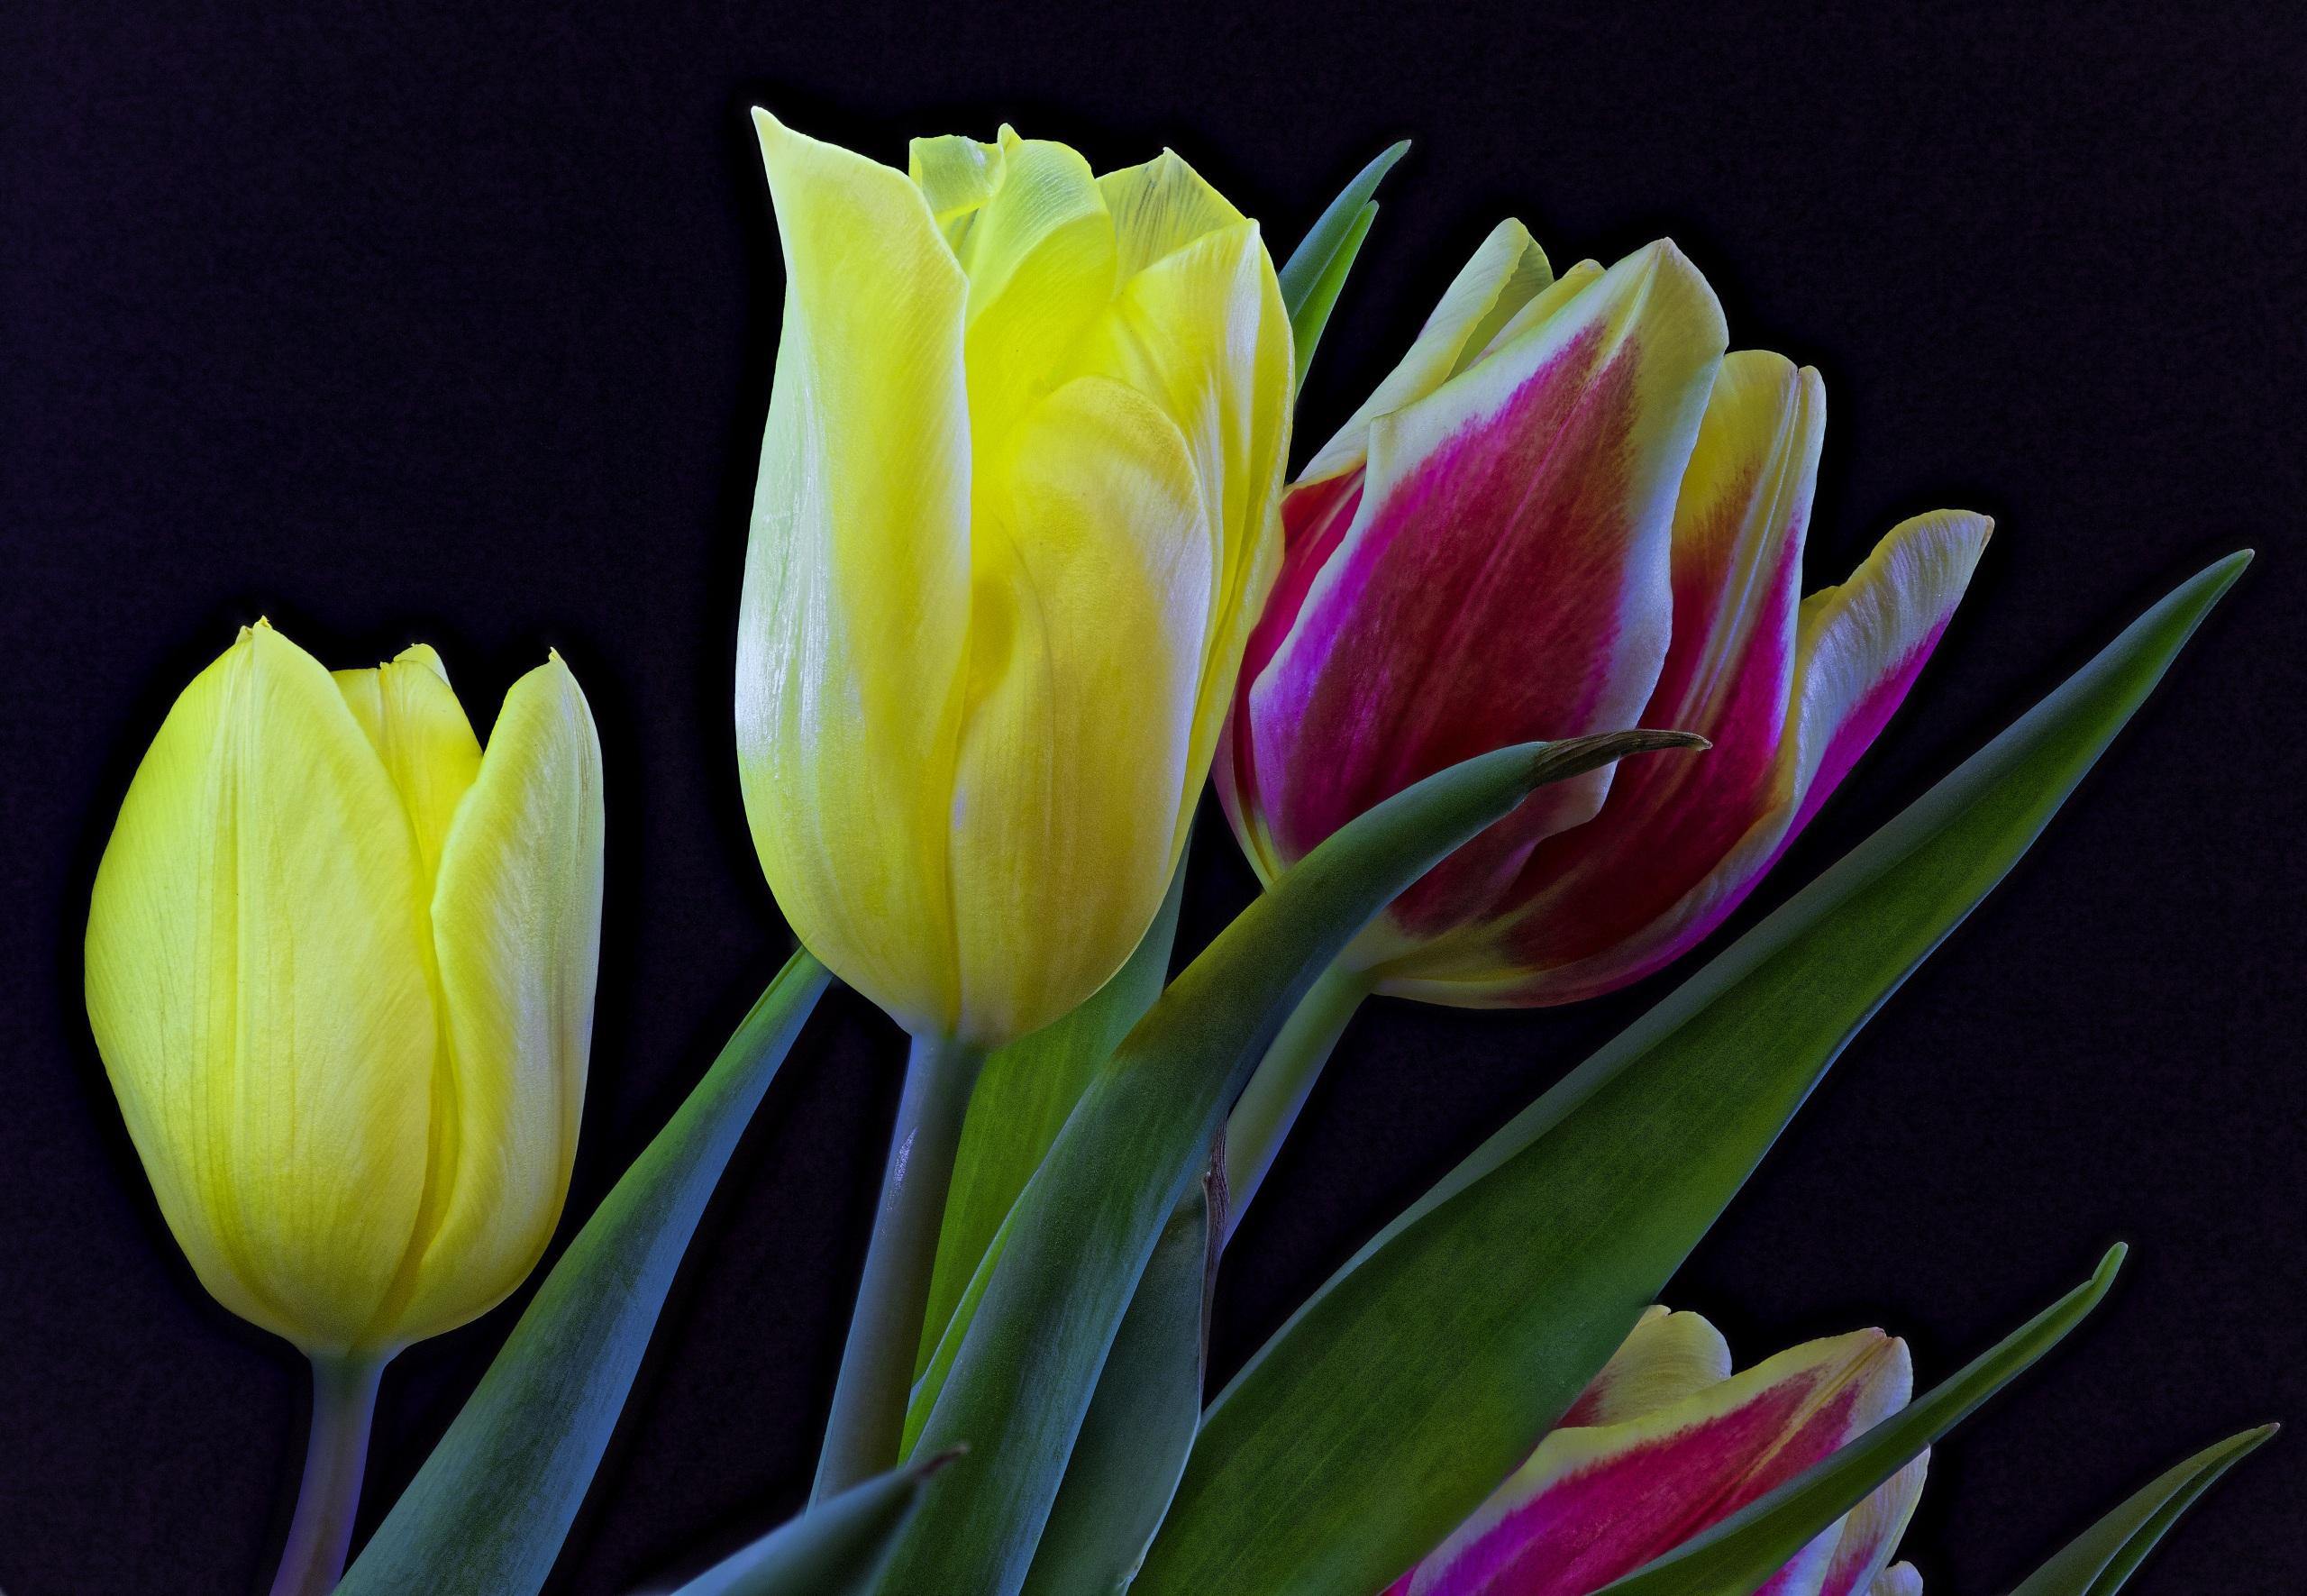 Обои для рабочего стола тюльпан Цветы Черный фон Крупным планом 2560x1771 Тюльпаны цветок вблизи на черном фоне